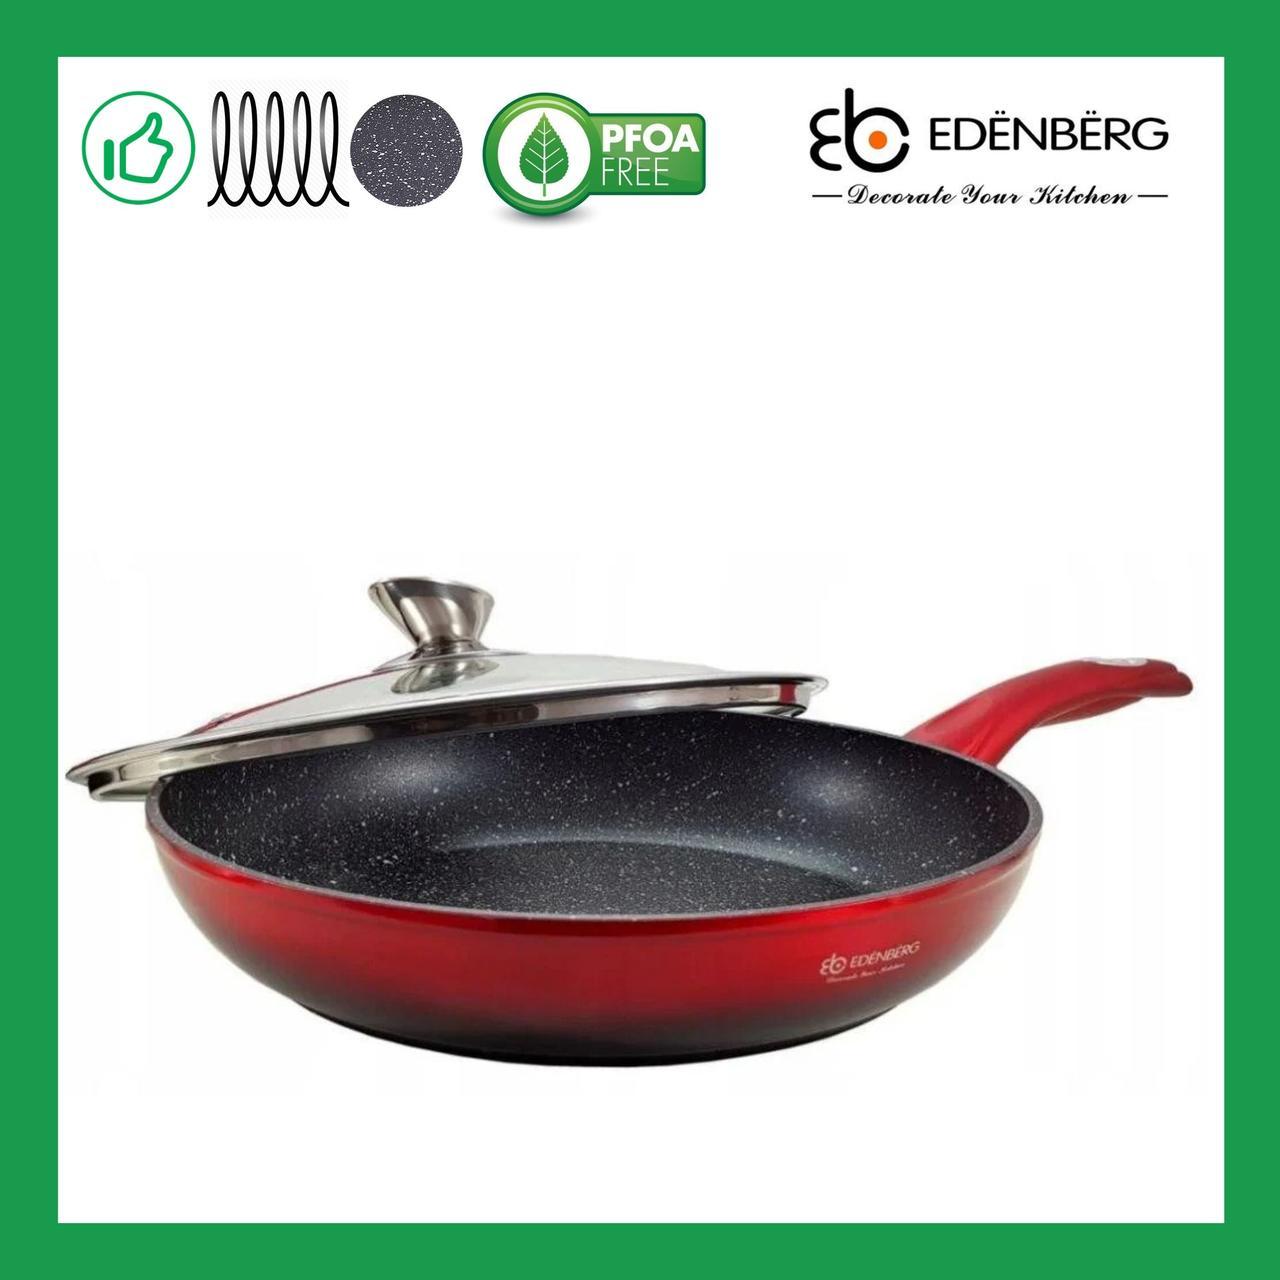 Сковорода антипригарная 26 см Edenberg с мраморным покрытием и крышкой Красная (EB-3339)